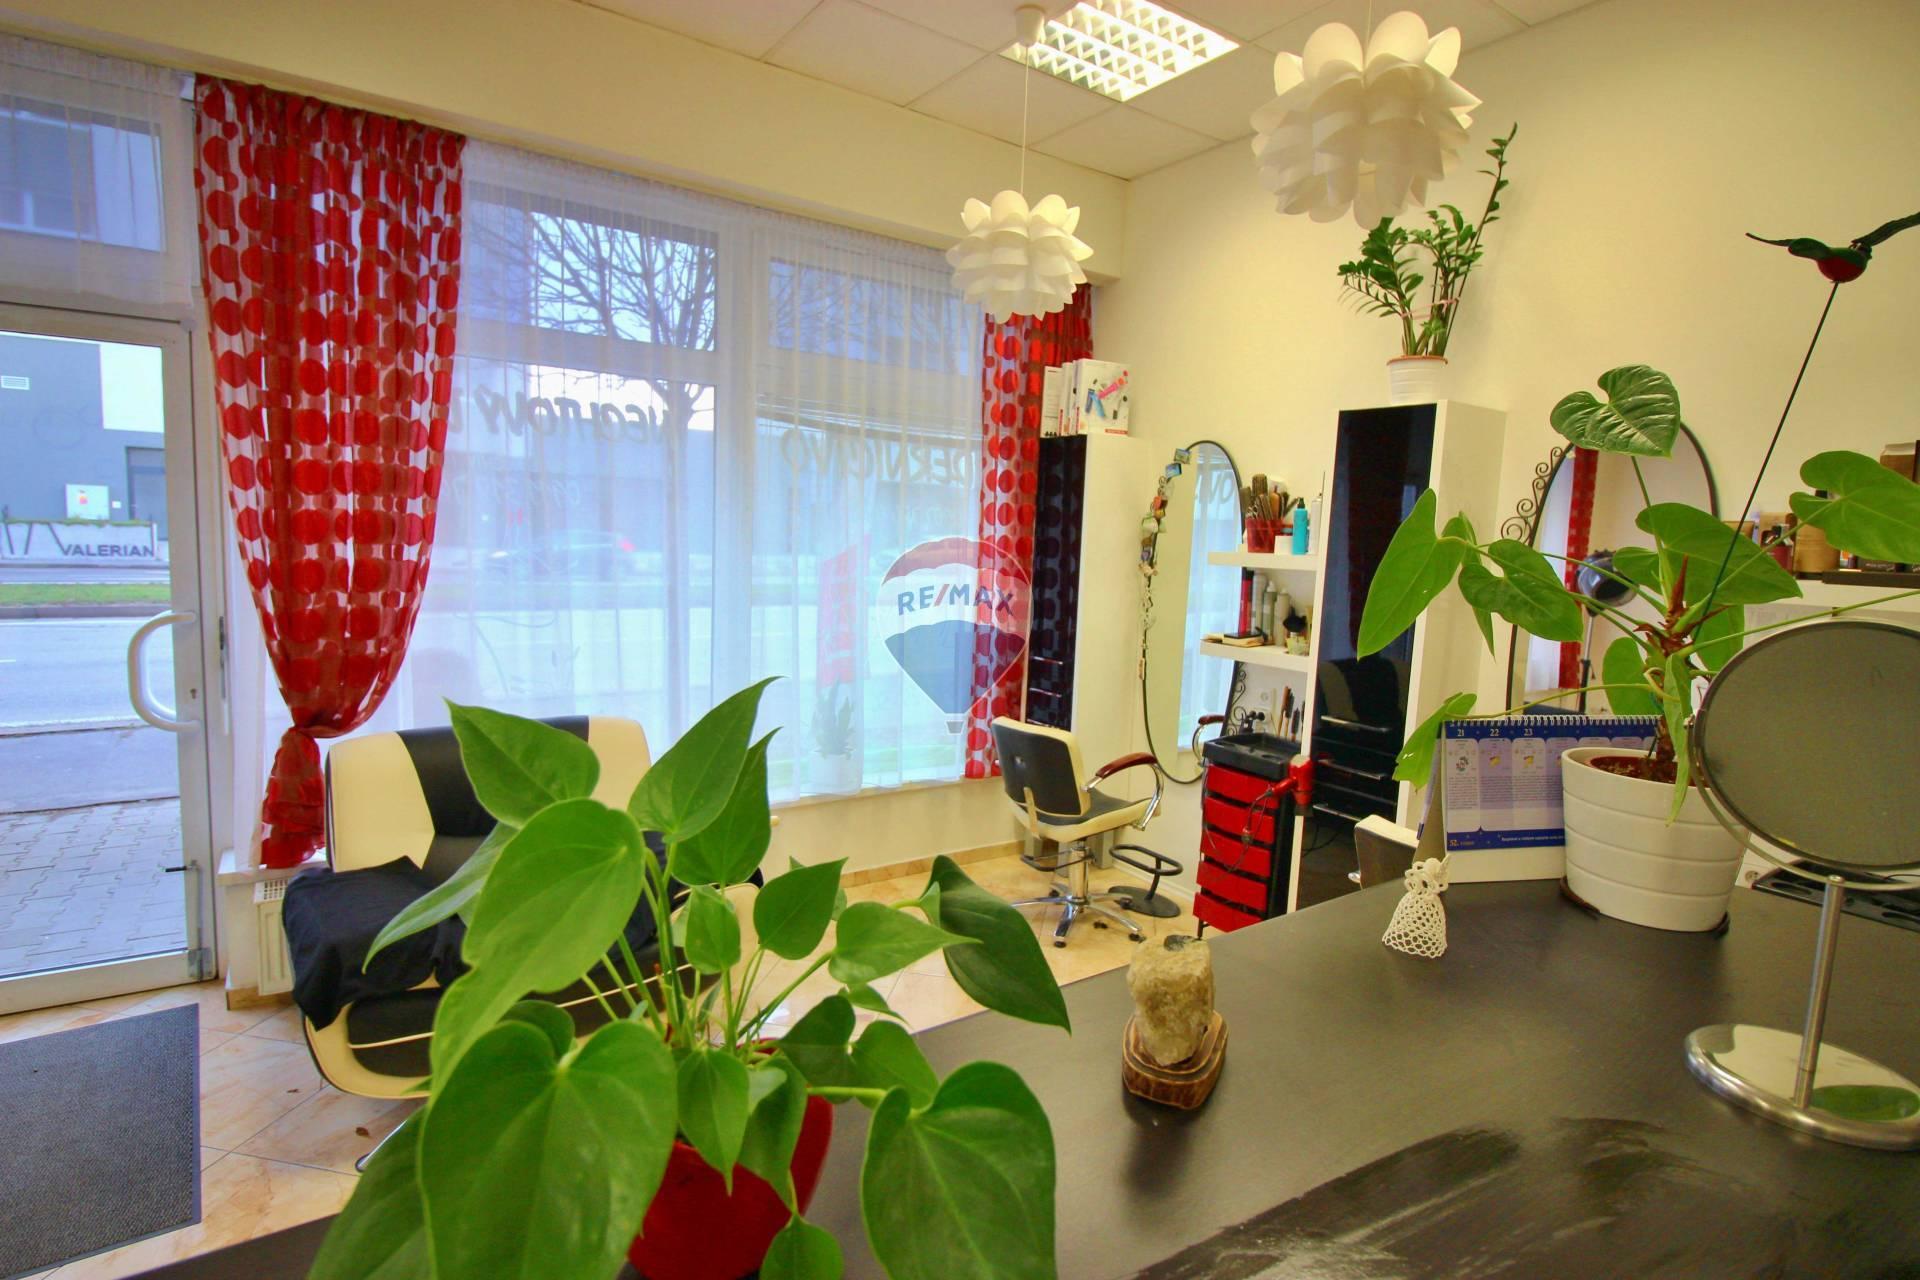 Predaj komerčného priestoru 43 m2, Bratislava - Podunajské Biskupice - PREDAJ obchodný priestor 43,5 m2, Bratislava- Podunajské Biskupice